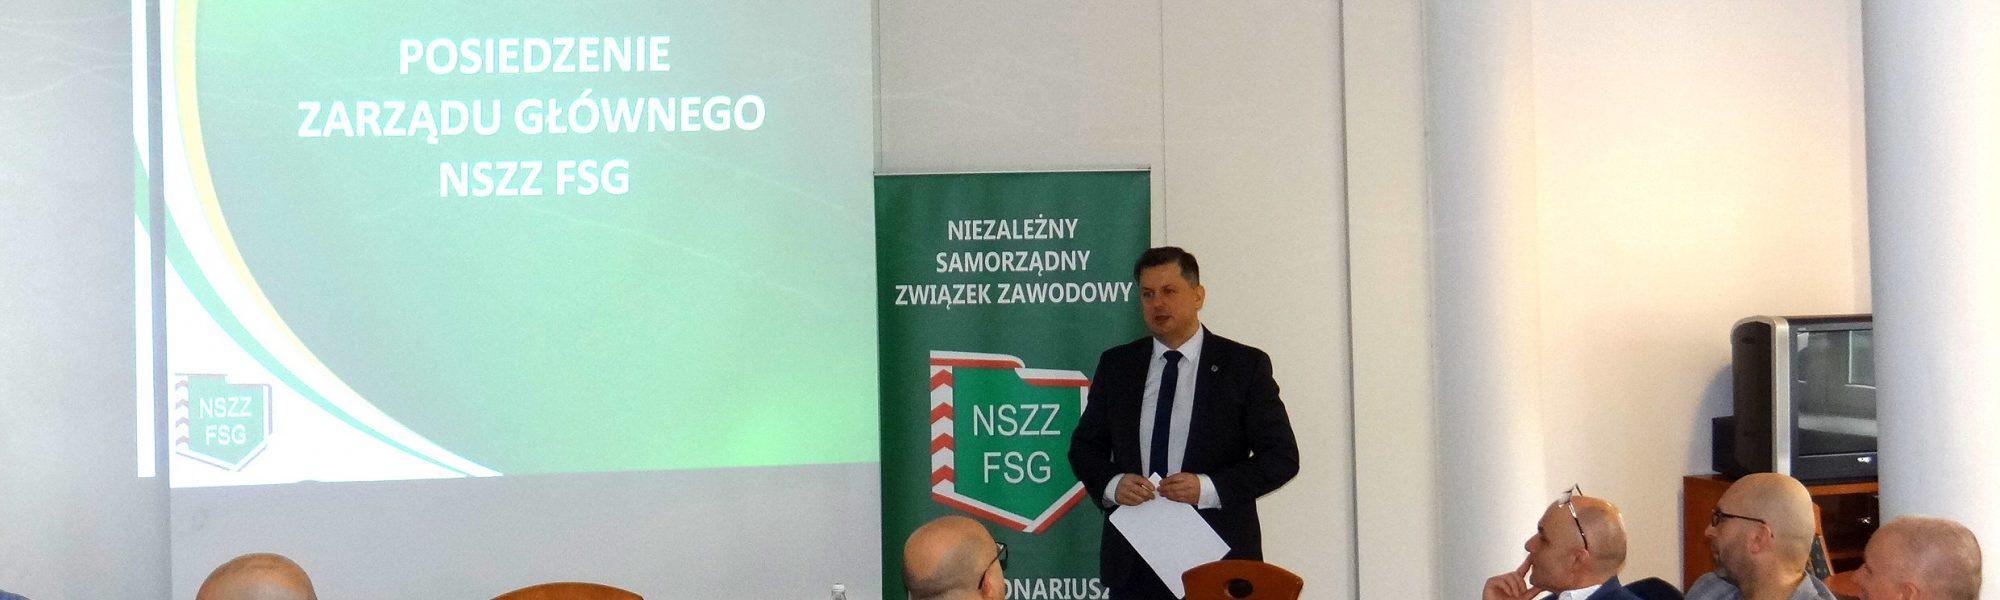 Komunikat z posiedzenia Zarządu Głównego NSZZ FSG